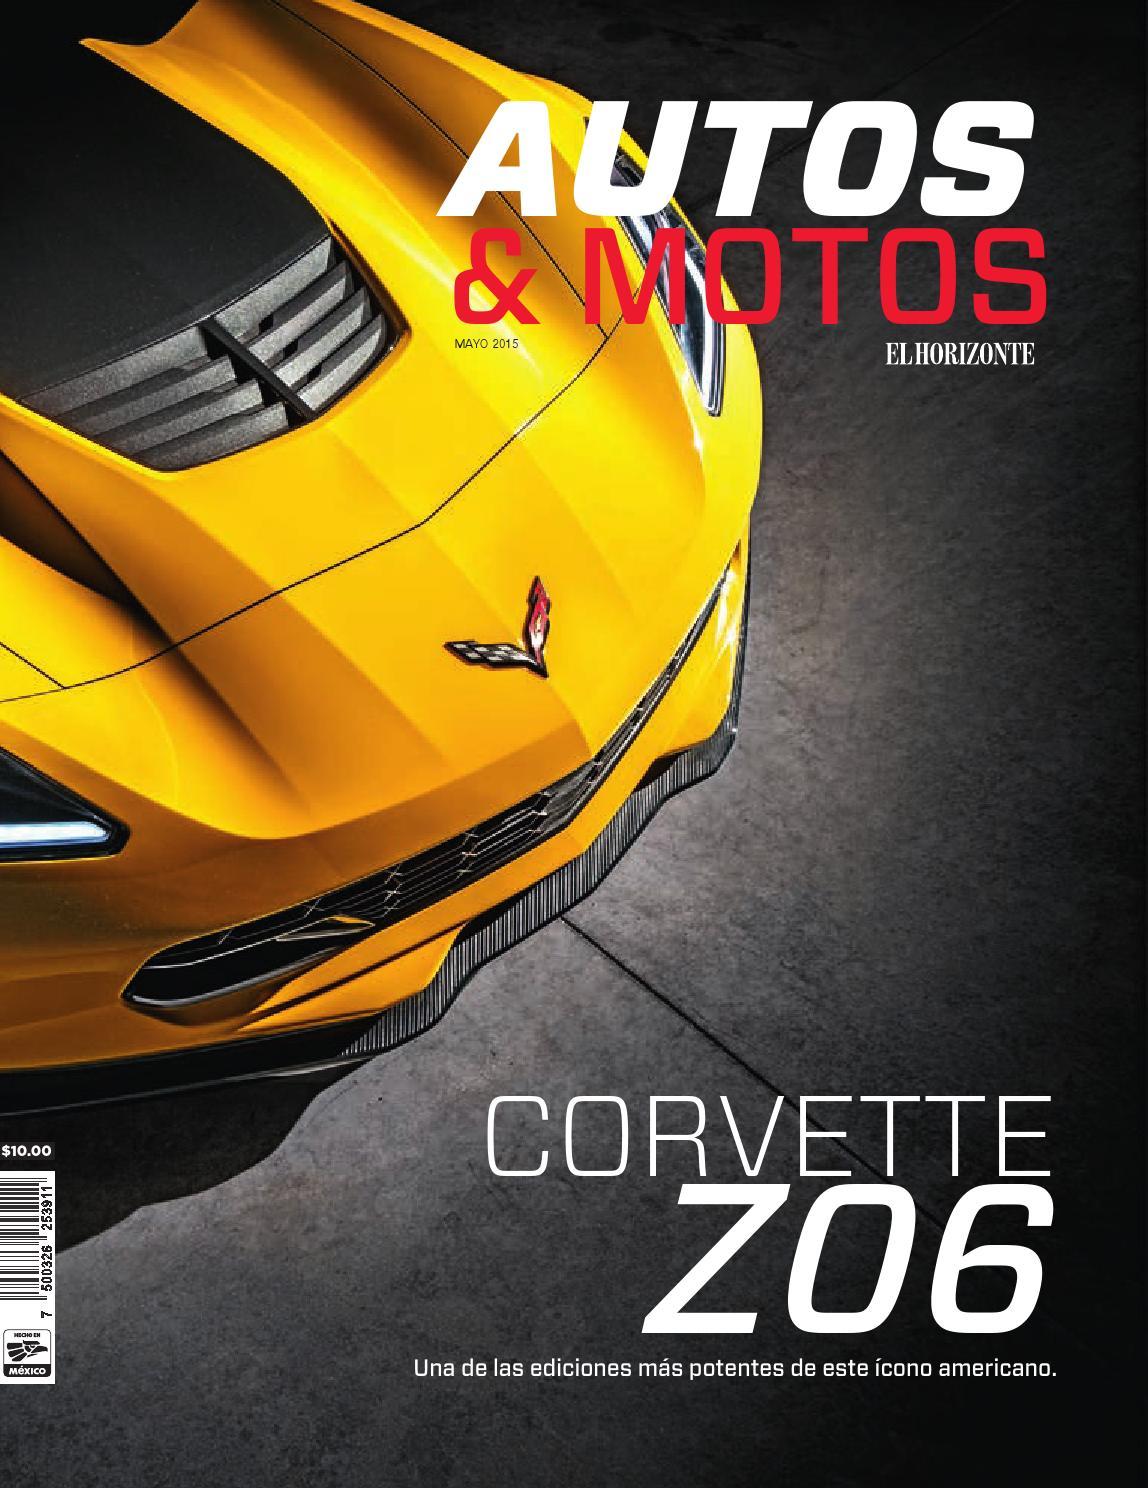 Autos & Motos - Mayo 2015 by Estilo de Vida El Horizonte - issuu